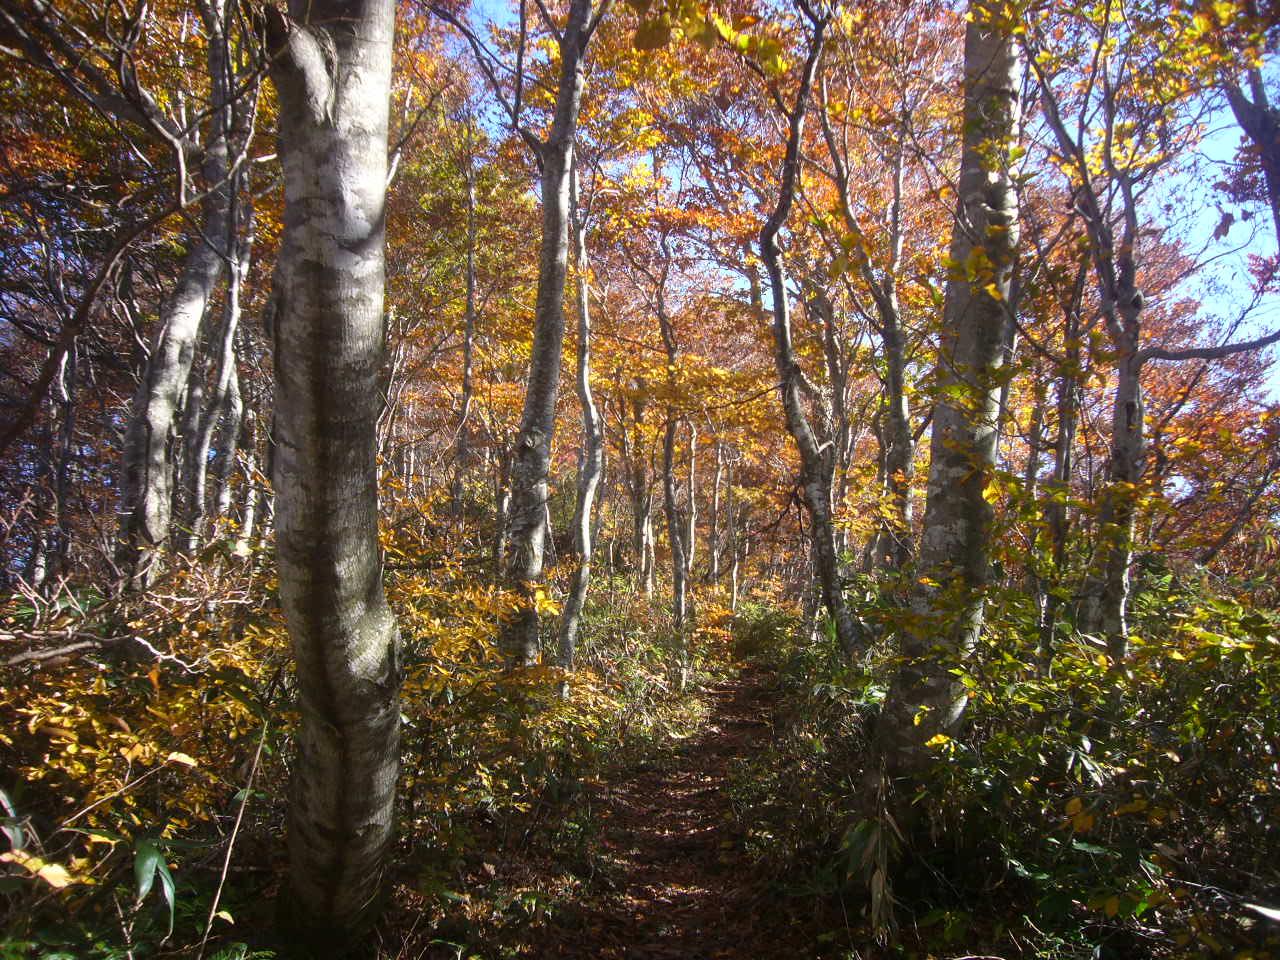 紅葉の登山道 H26.10.29撮影